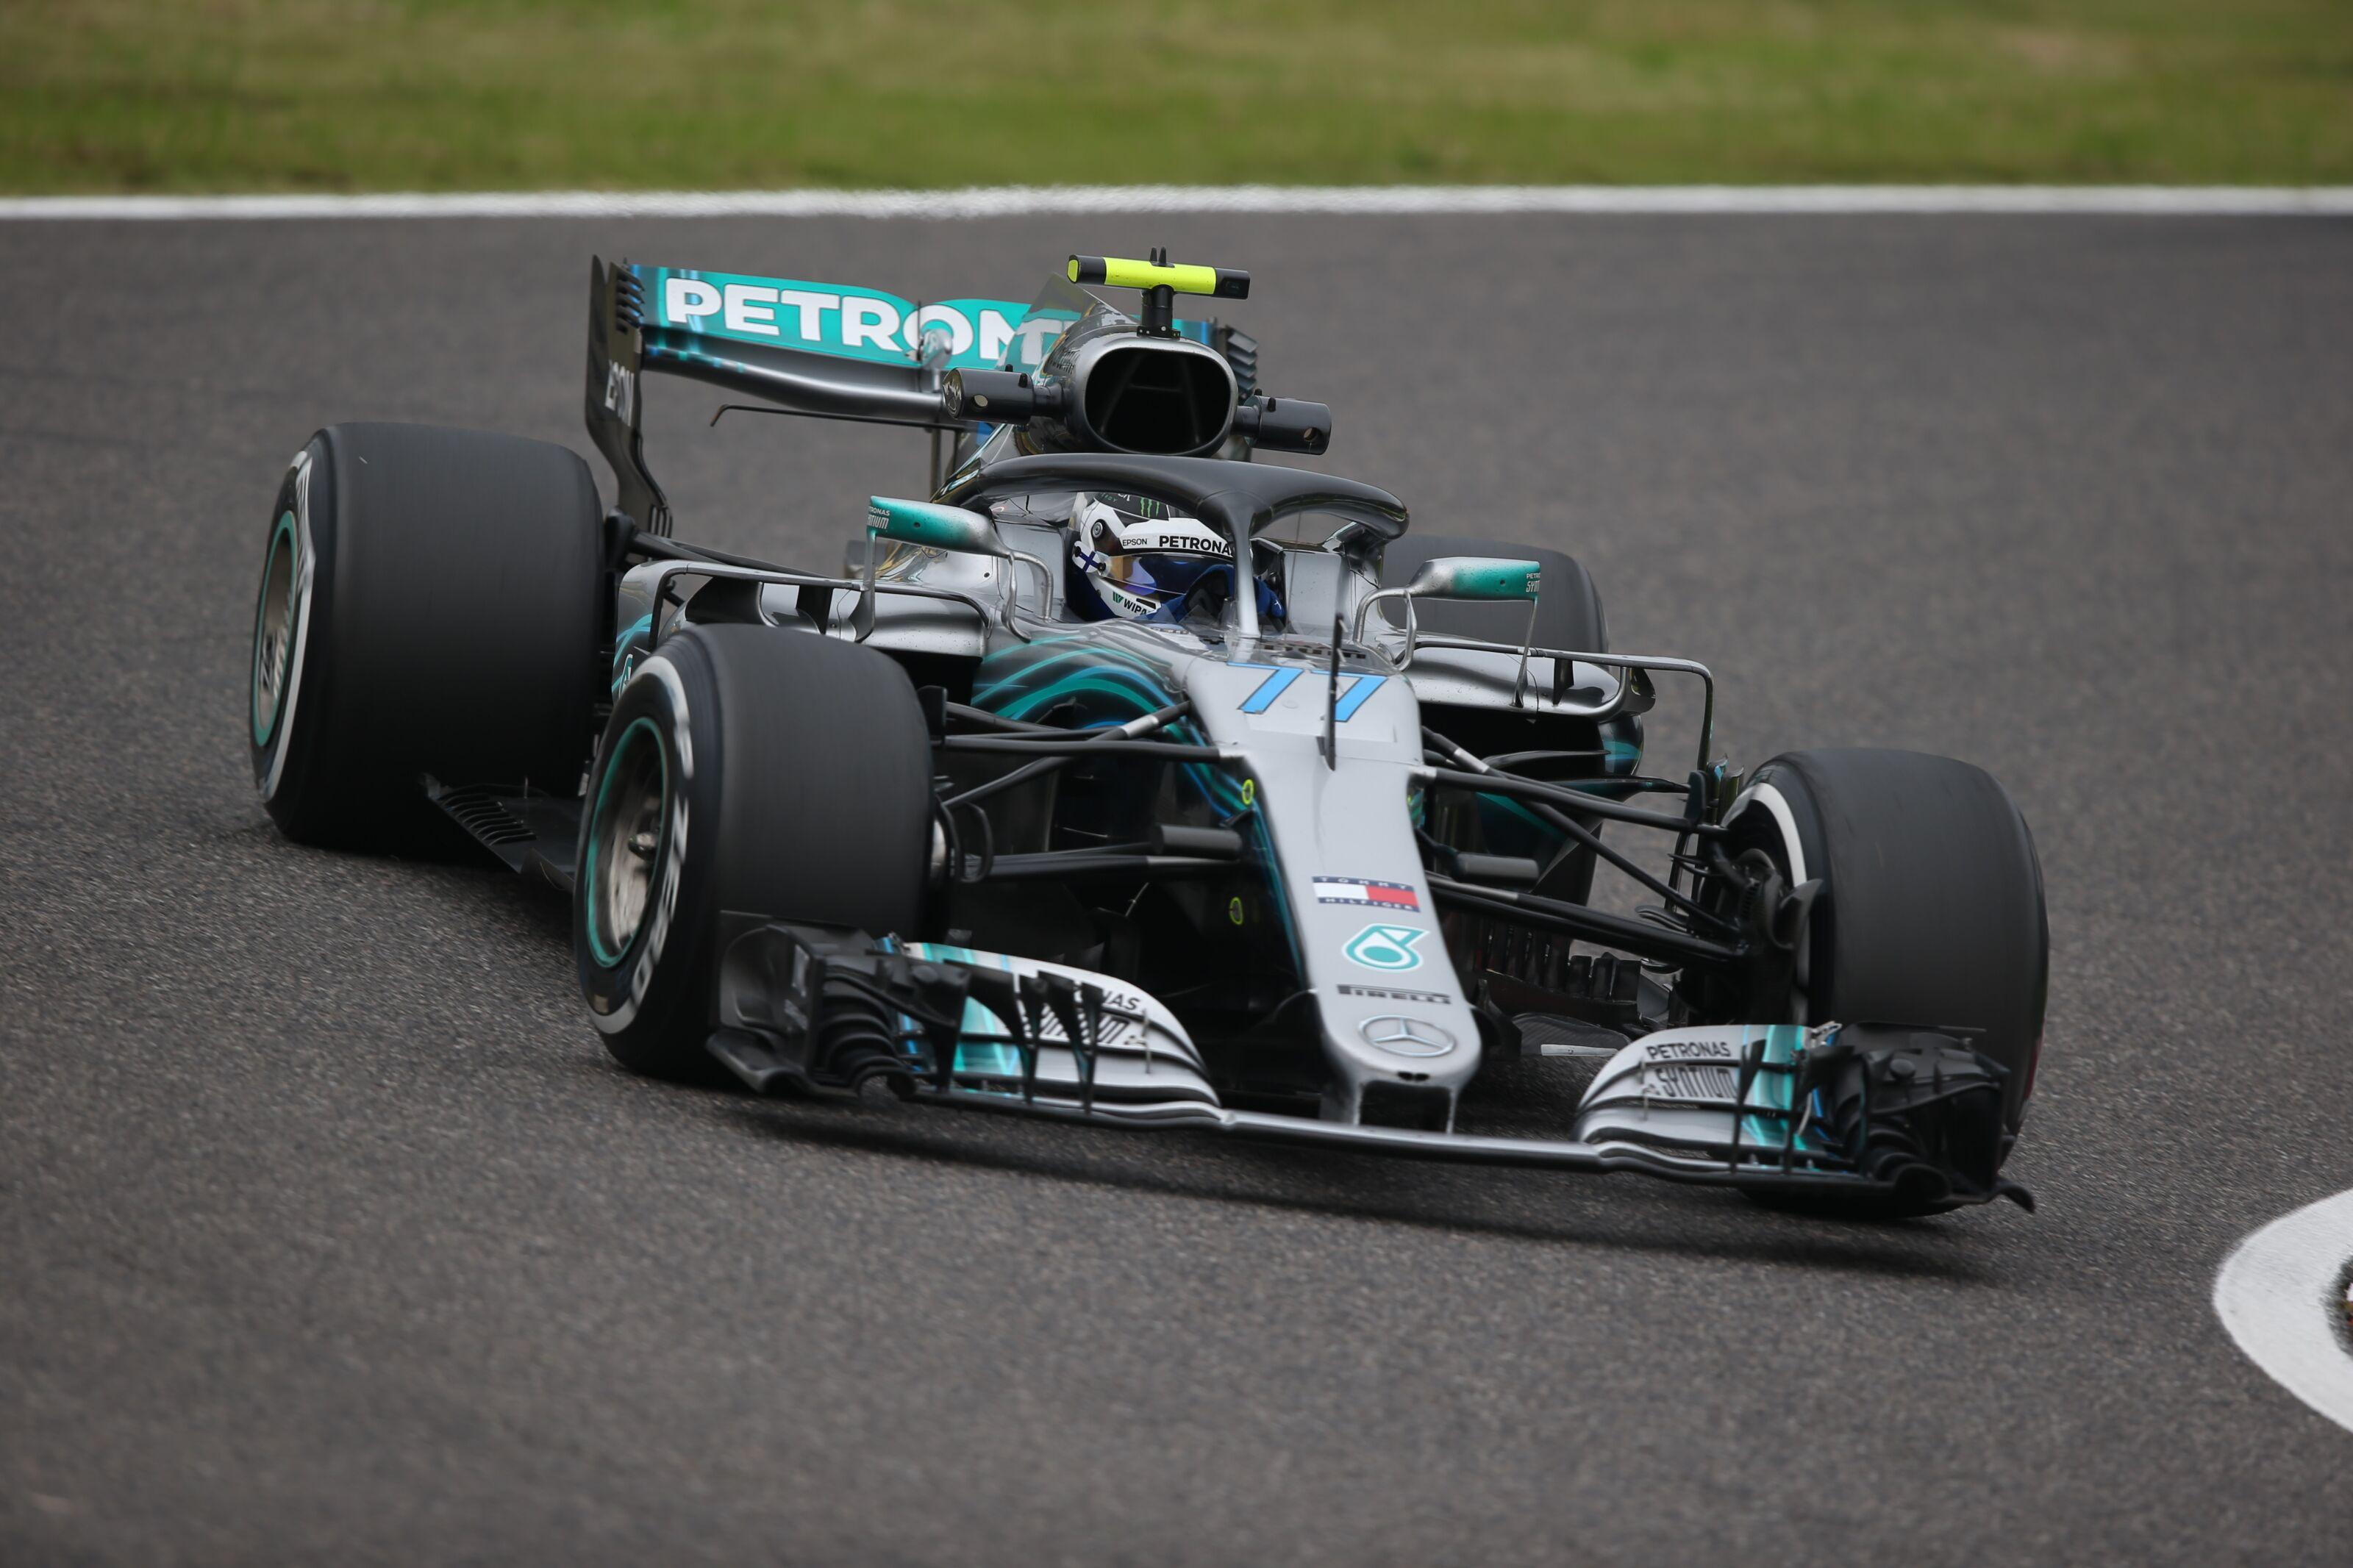 Formula 1: Will Valtteri Bottas win a race in 2018?